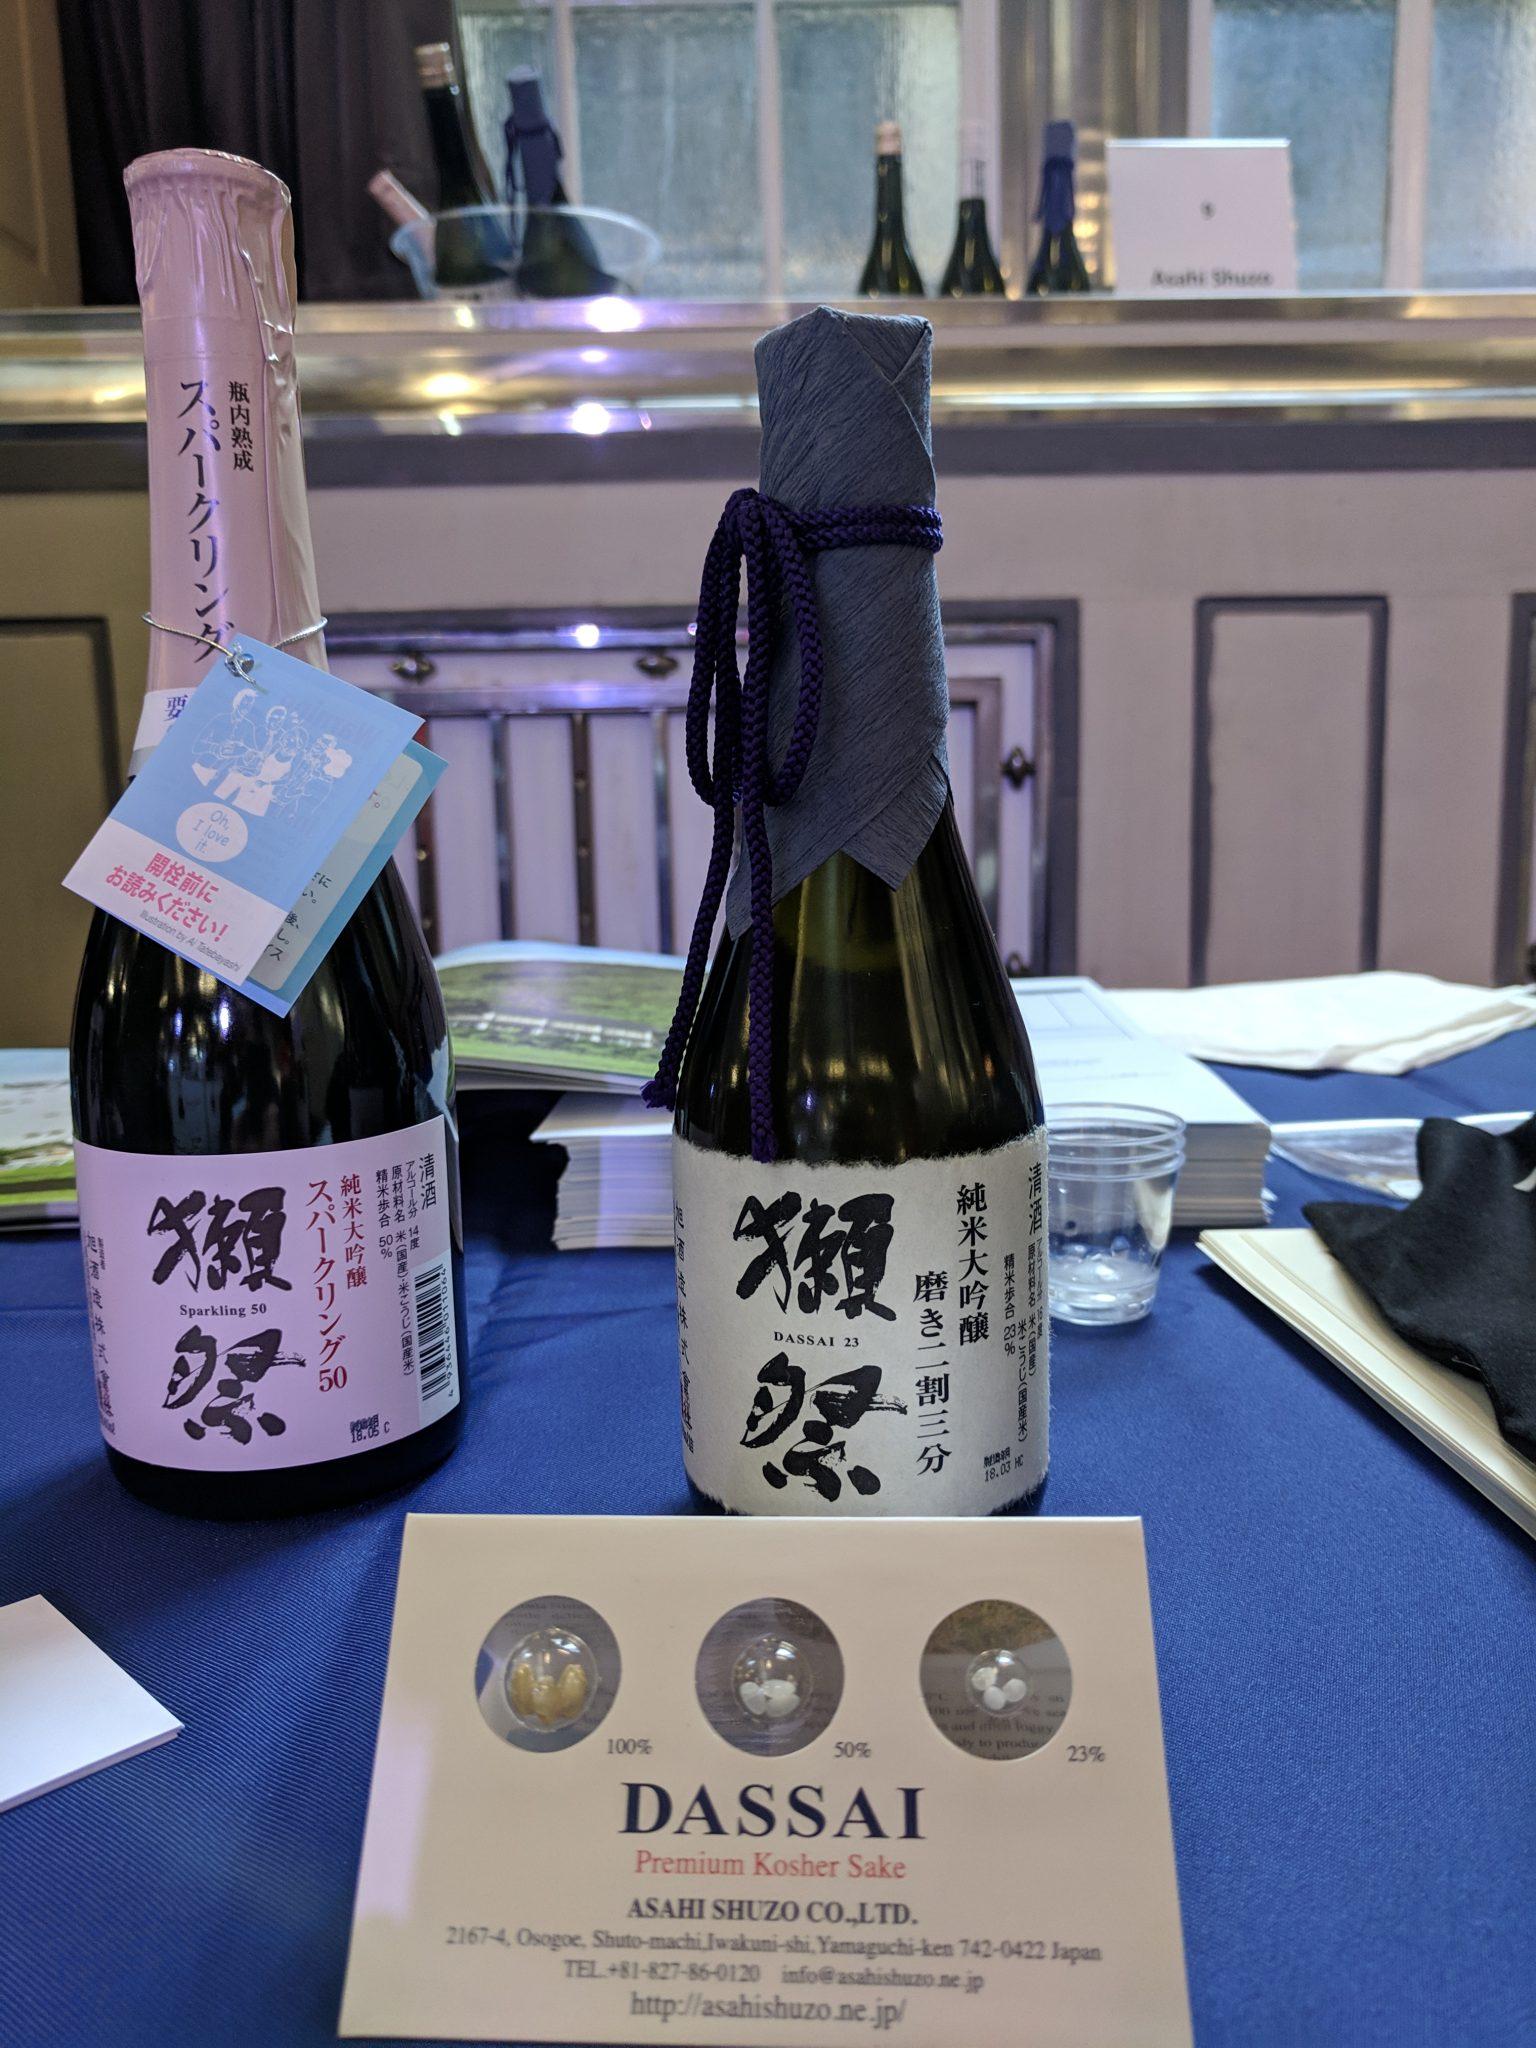 Asahi Shuzo, Dassai